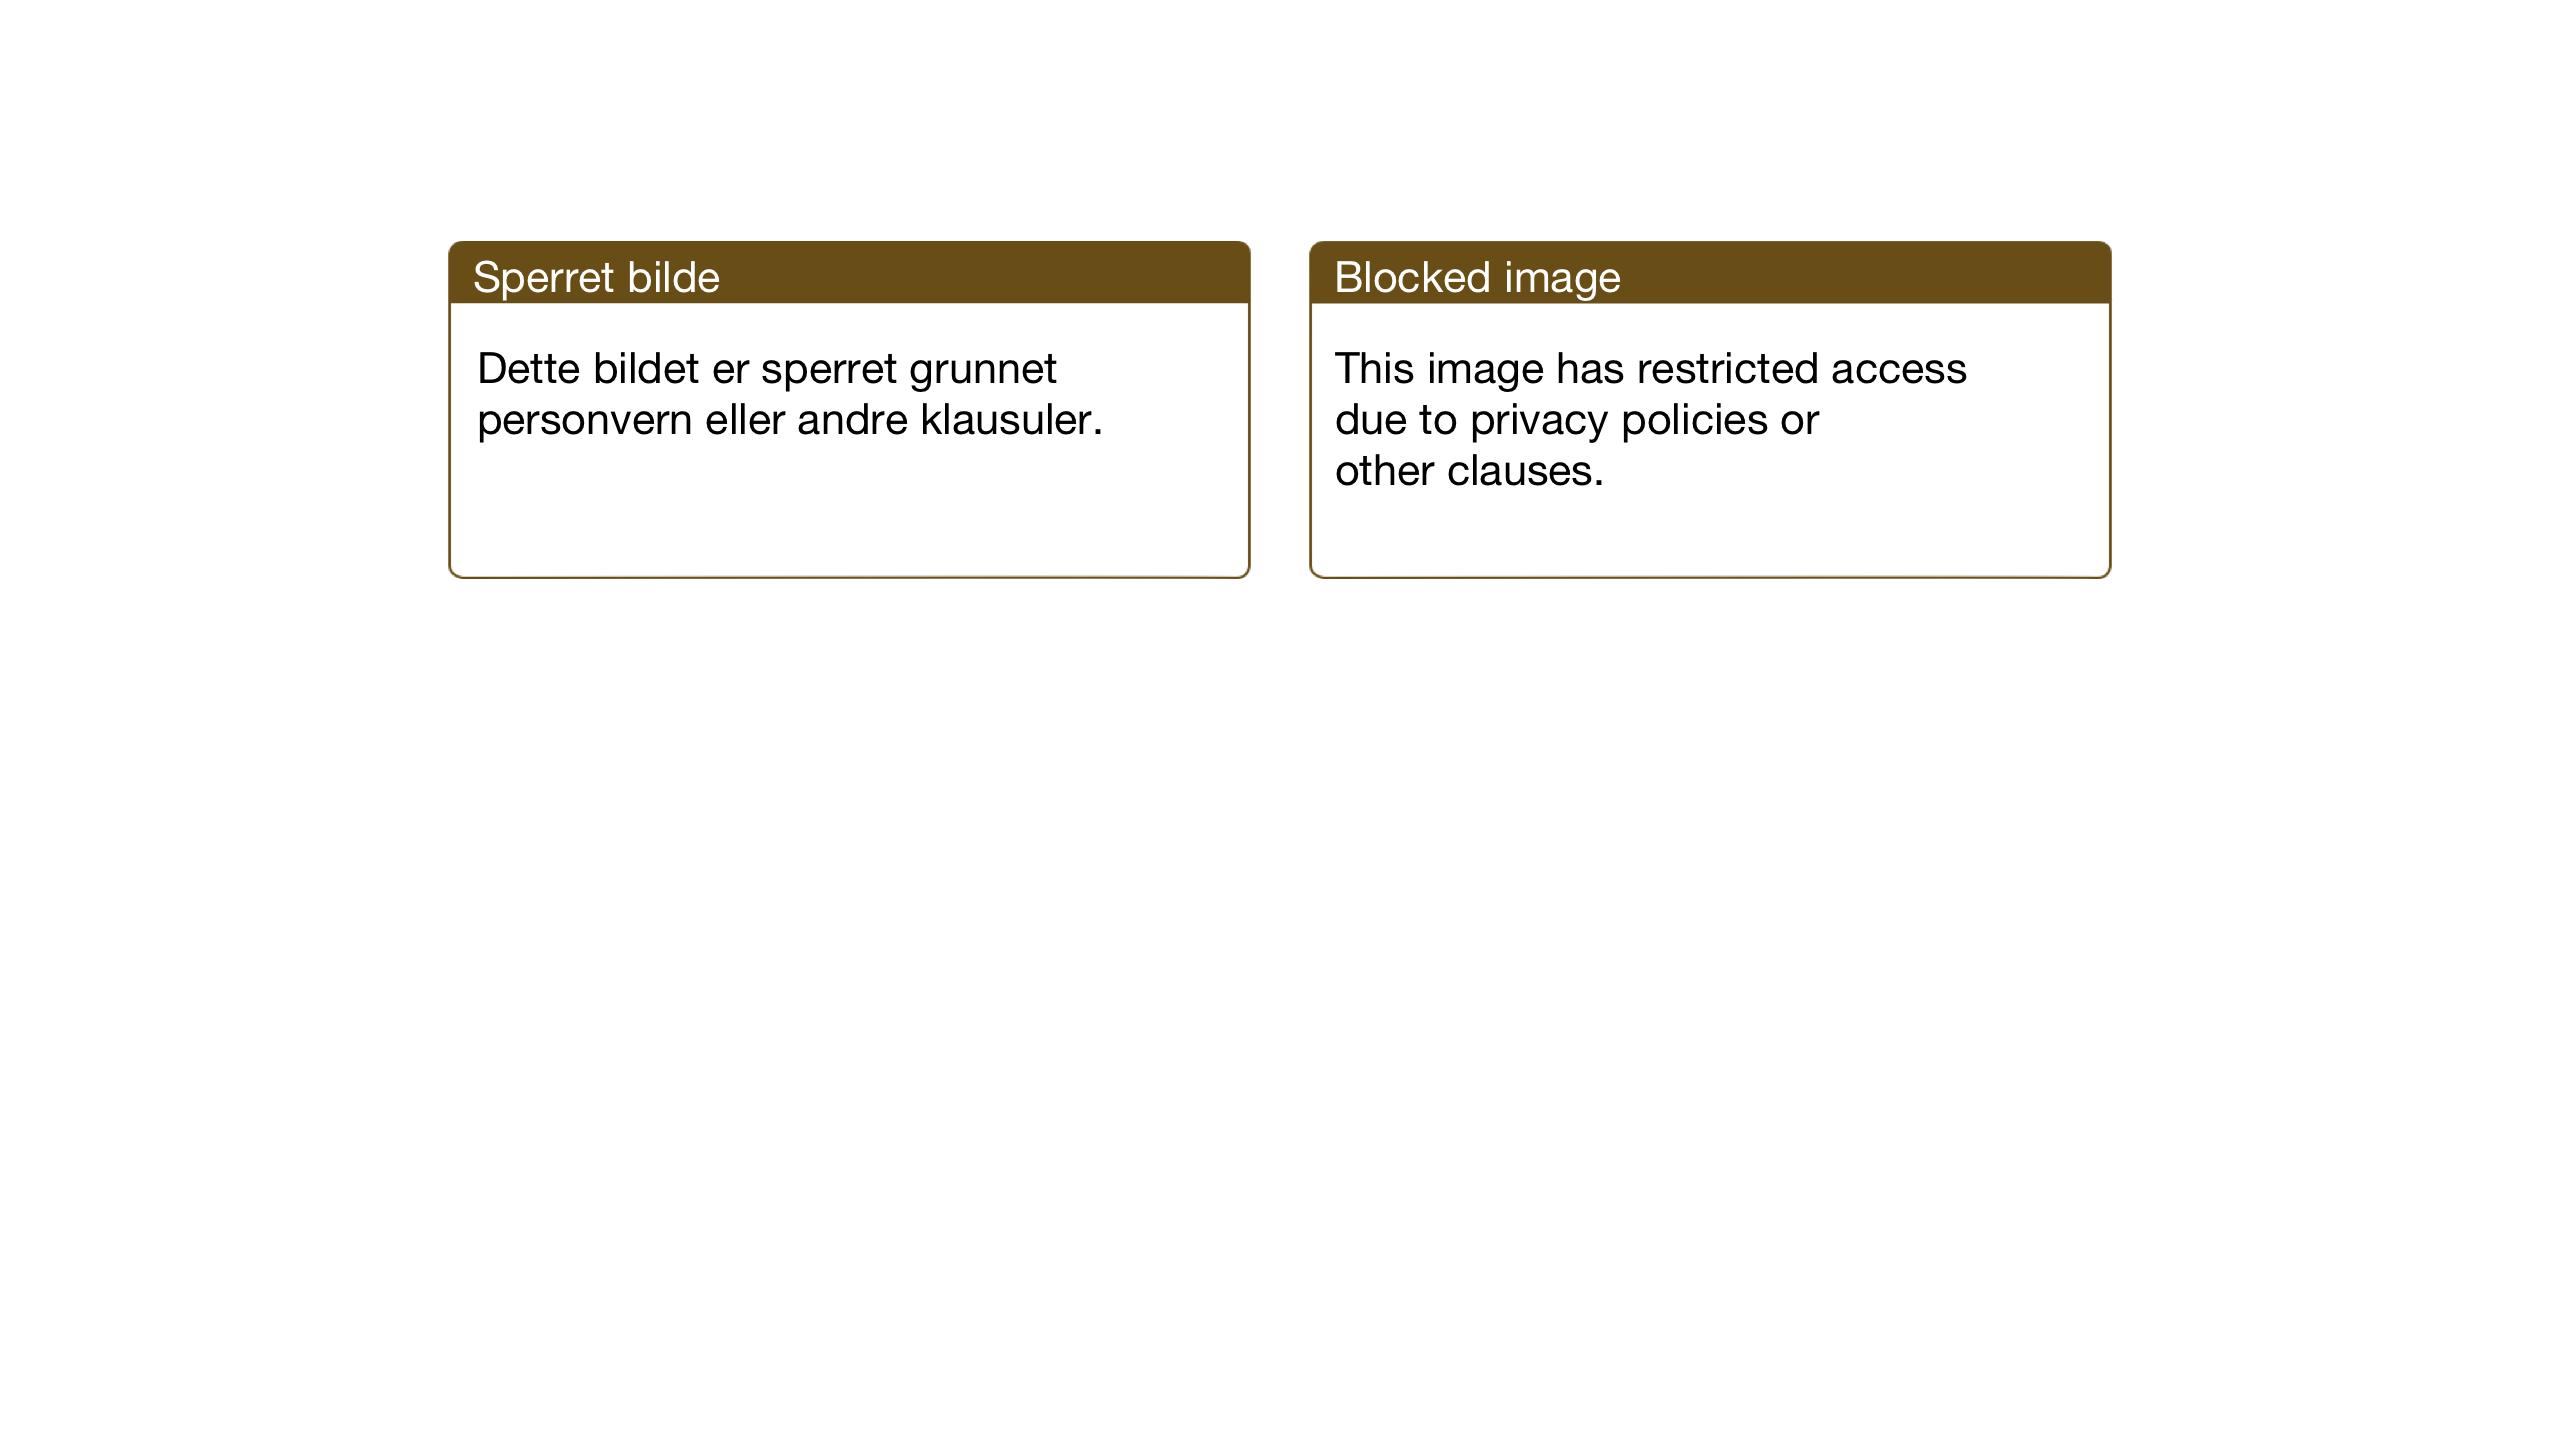 SAT, Ministerialprotokoller, klokkerbøker og fødselsregistre - Sør-Trøndelag, 655/L0690: Klokkerbok nr. 655C06, 1937-1950, s. 145